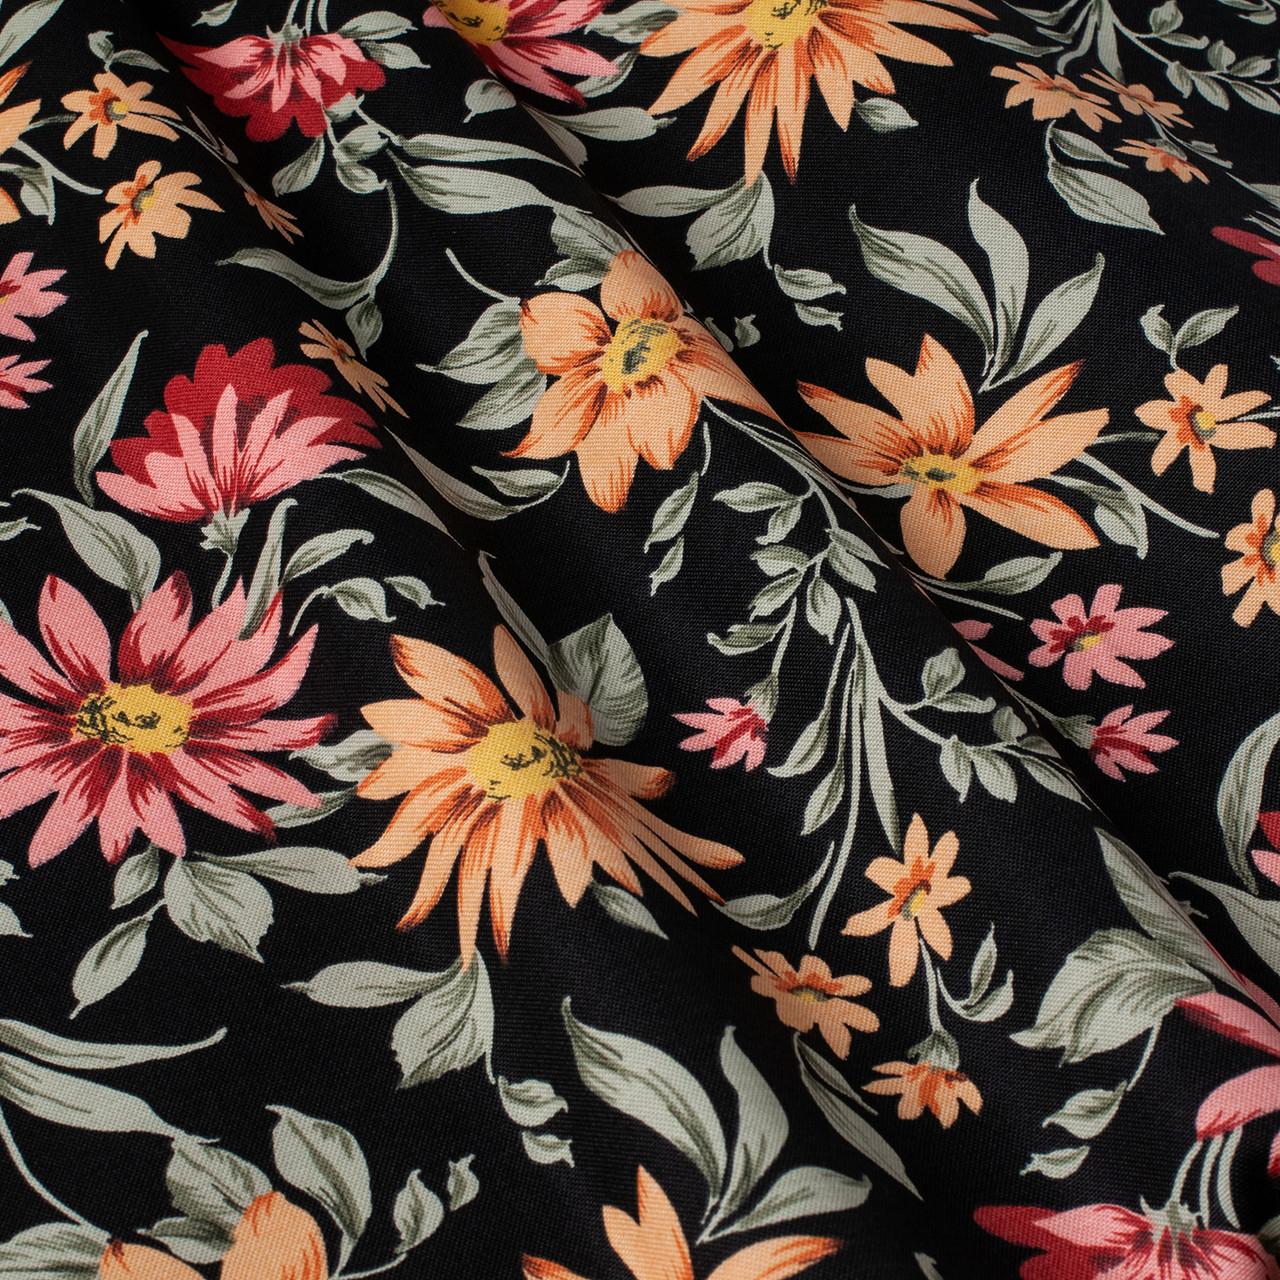 Шторы Прованс оранжевые и бордовые цветы на черном 111089 v 1